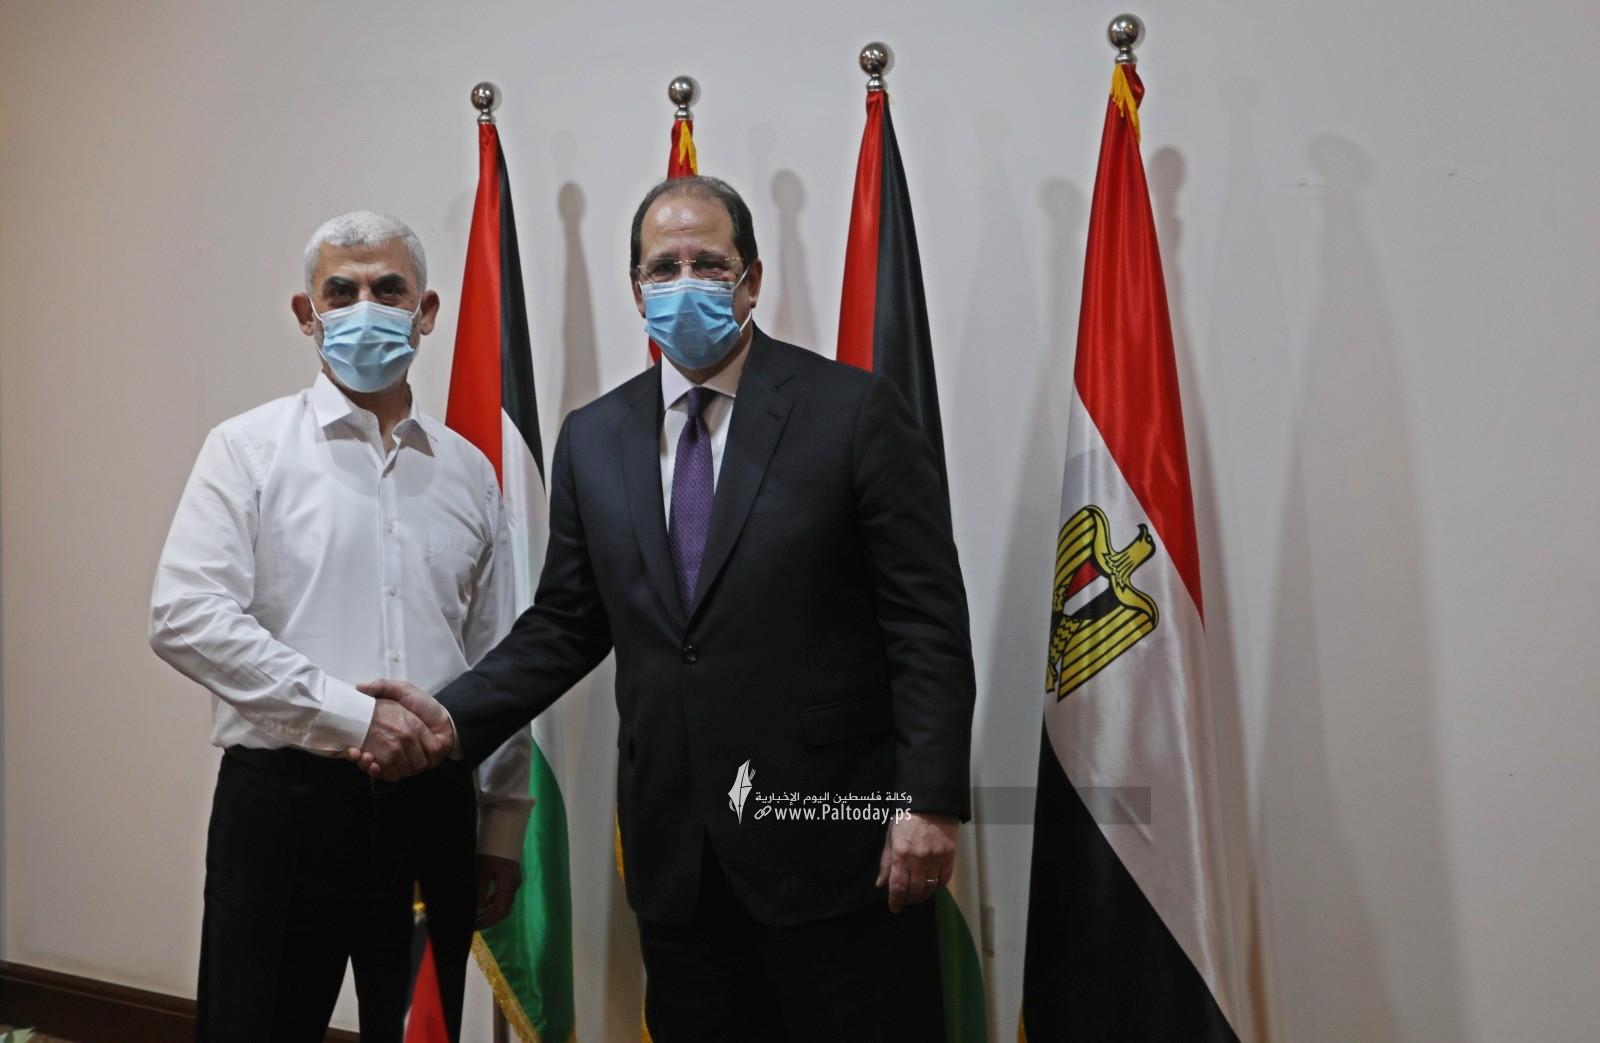 اجتماع قادة حماس باللواء عباس كامل.jpg